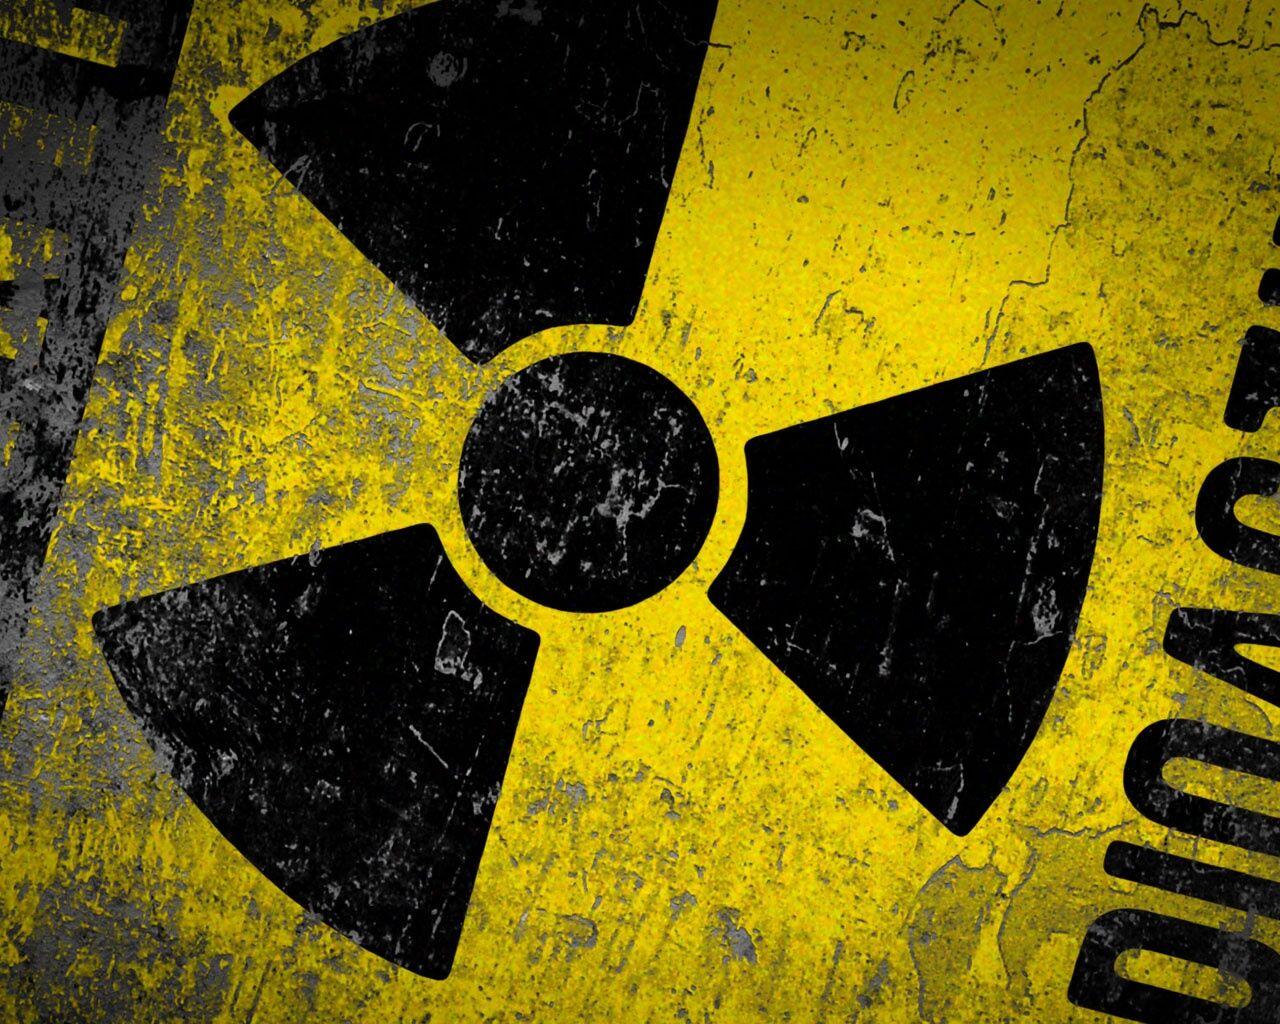 Радиоактивный автомобиль изЯпонии обнаружили впорту Владивостока